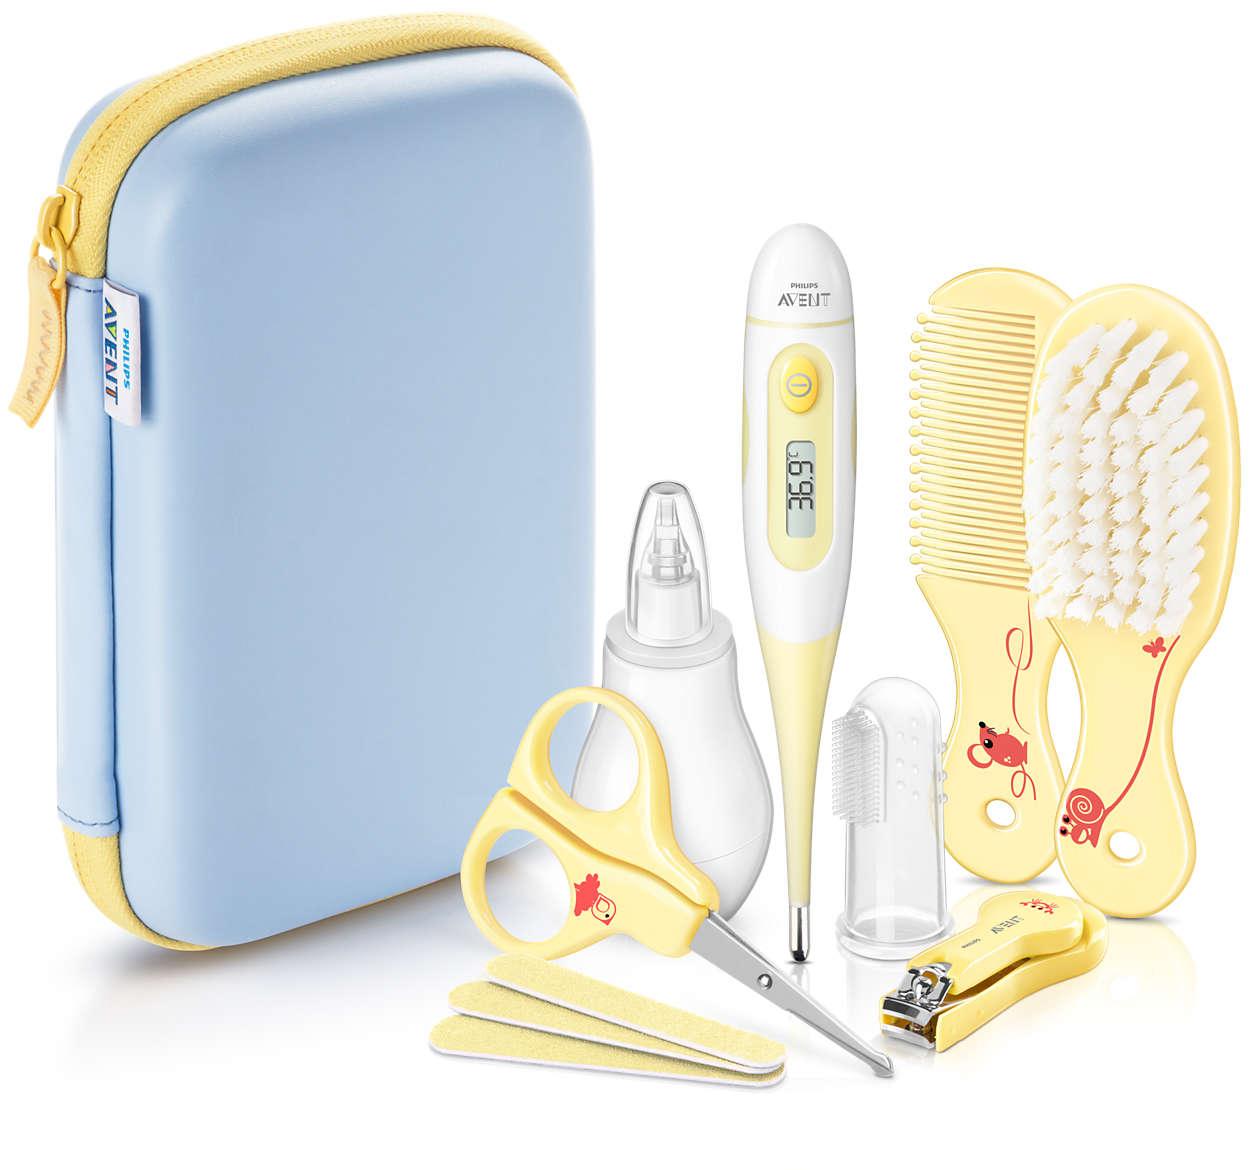 Avent Σετ Περιποίησης Μωρού SCH400/00 φαρμακείο   πιεσόμετρα   θερμόμετρα   ηλεκτρικές συσκευές   θερμόμετρα